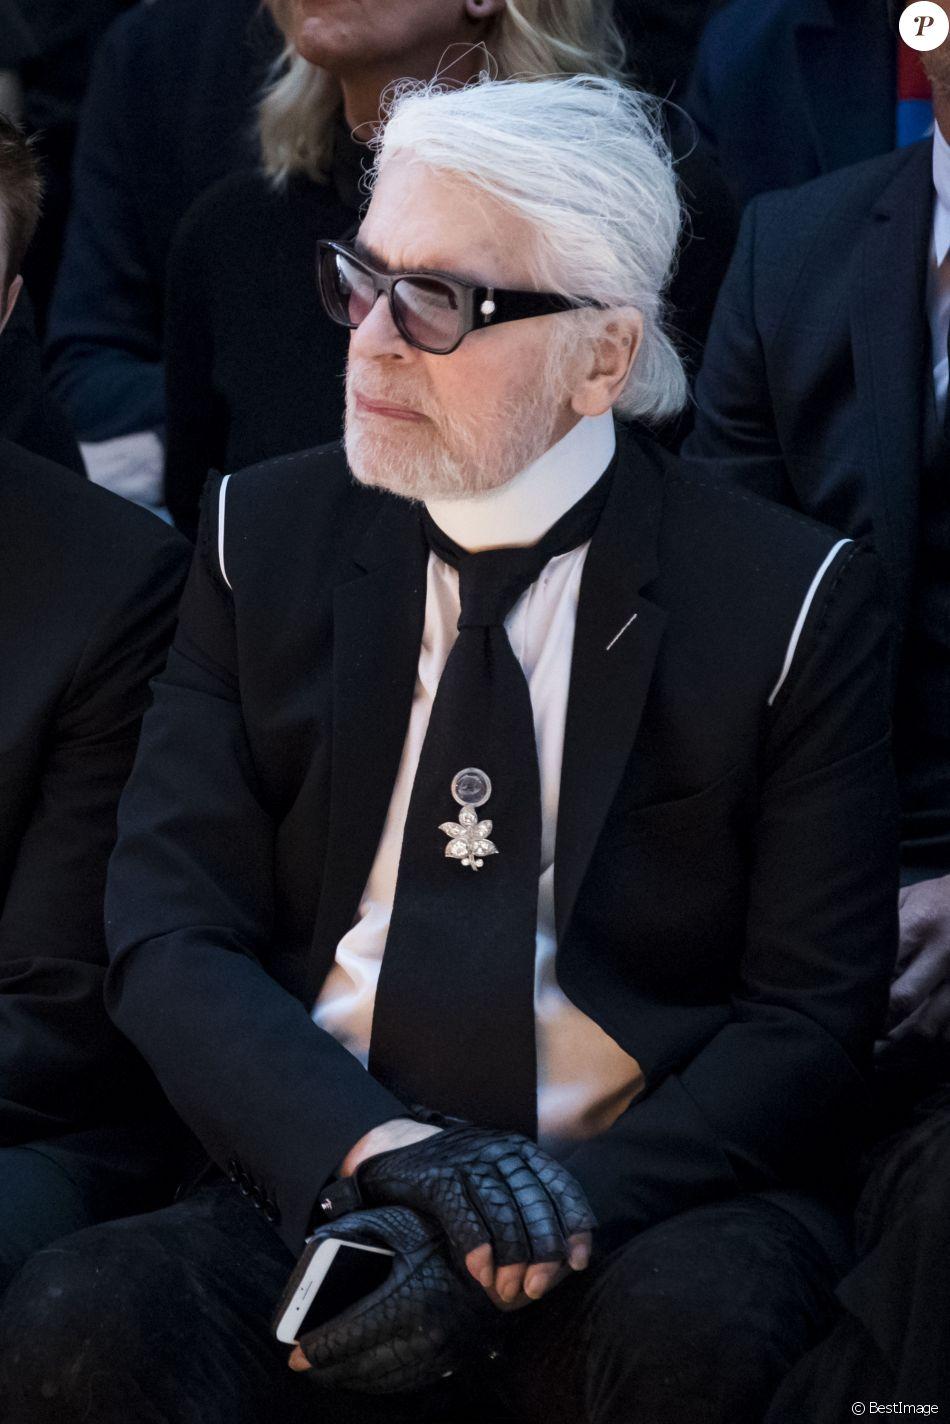 Karl Lagerfeld , Défilé de mode Dior Homme collection Automne/Hiver 2018/2019  à Paris, le 20 janvier 2018. © Olivier Borde/Bestimage